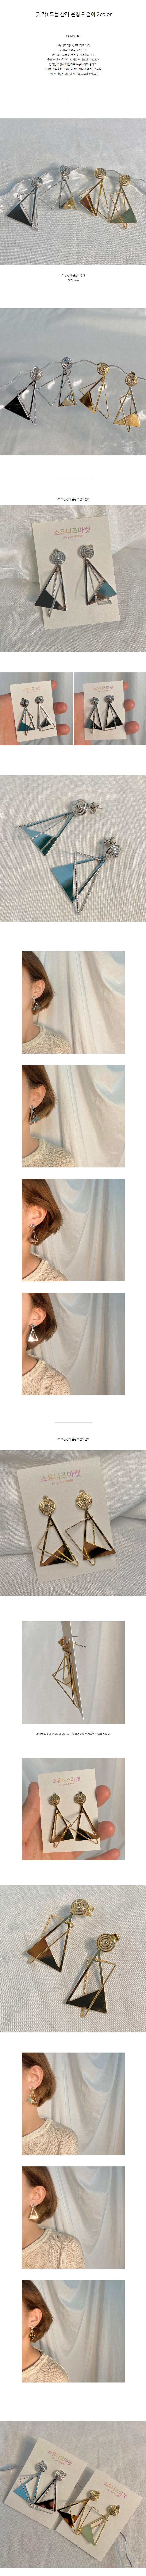 (제작) 도플 삼각 은침 귀걸이 2color - 소유니즈마켓, 13,400원, 골드, 드롭귀걸이